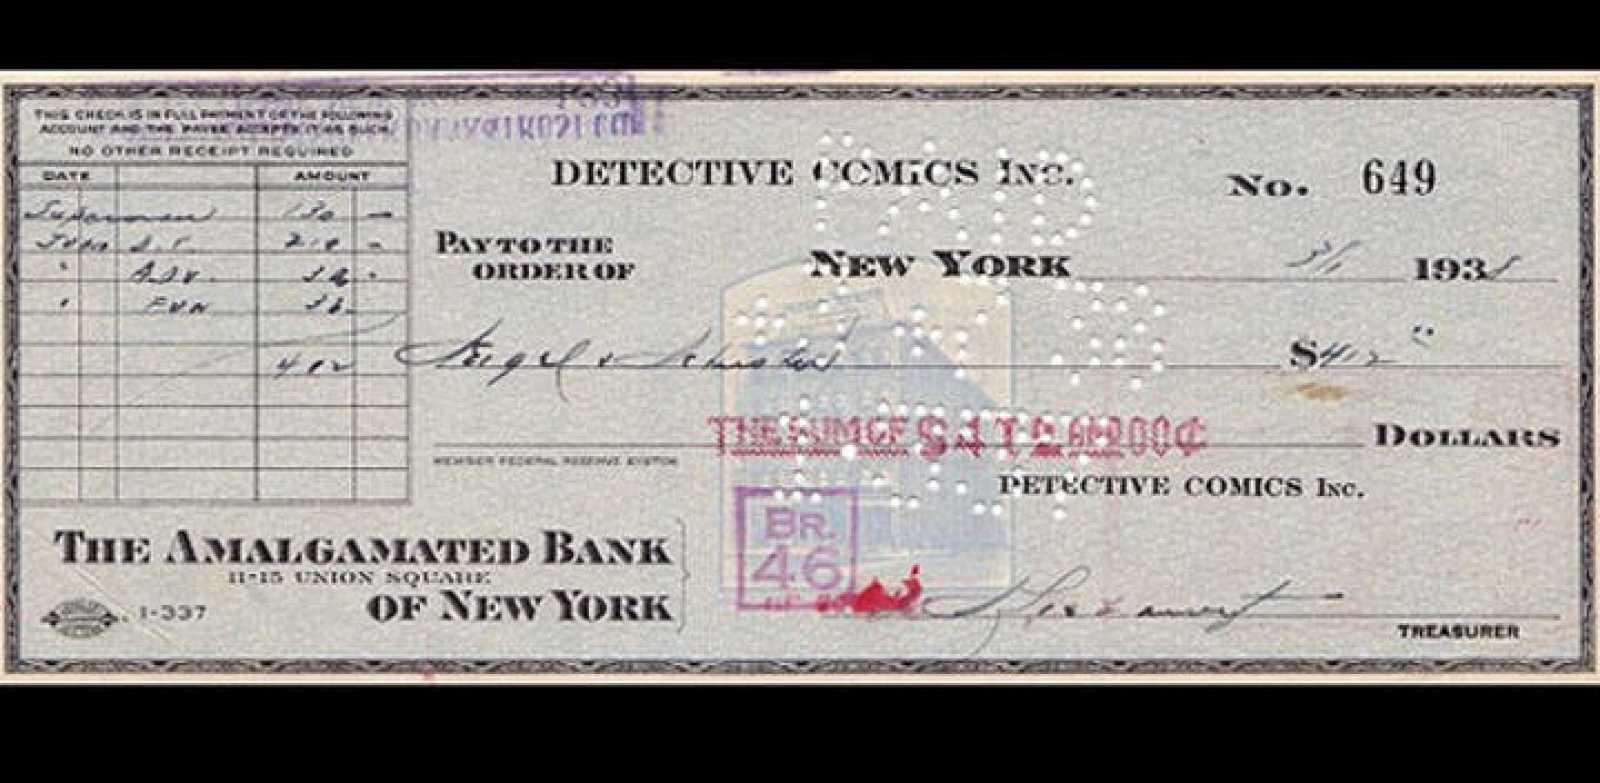 El cheque de 130 dólares con el que se compró a Superman